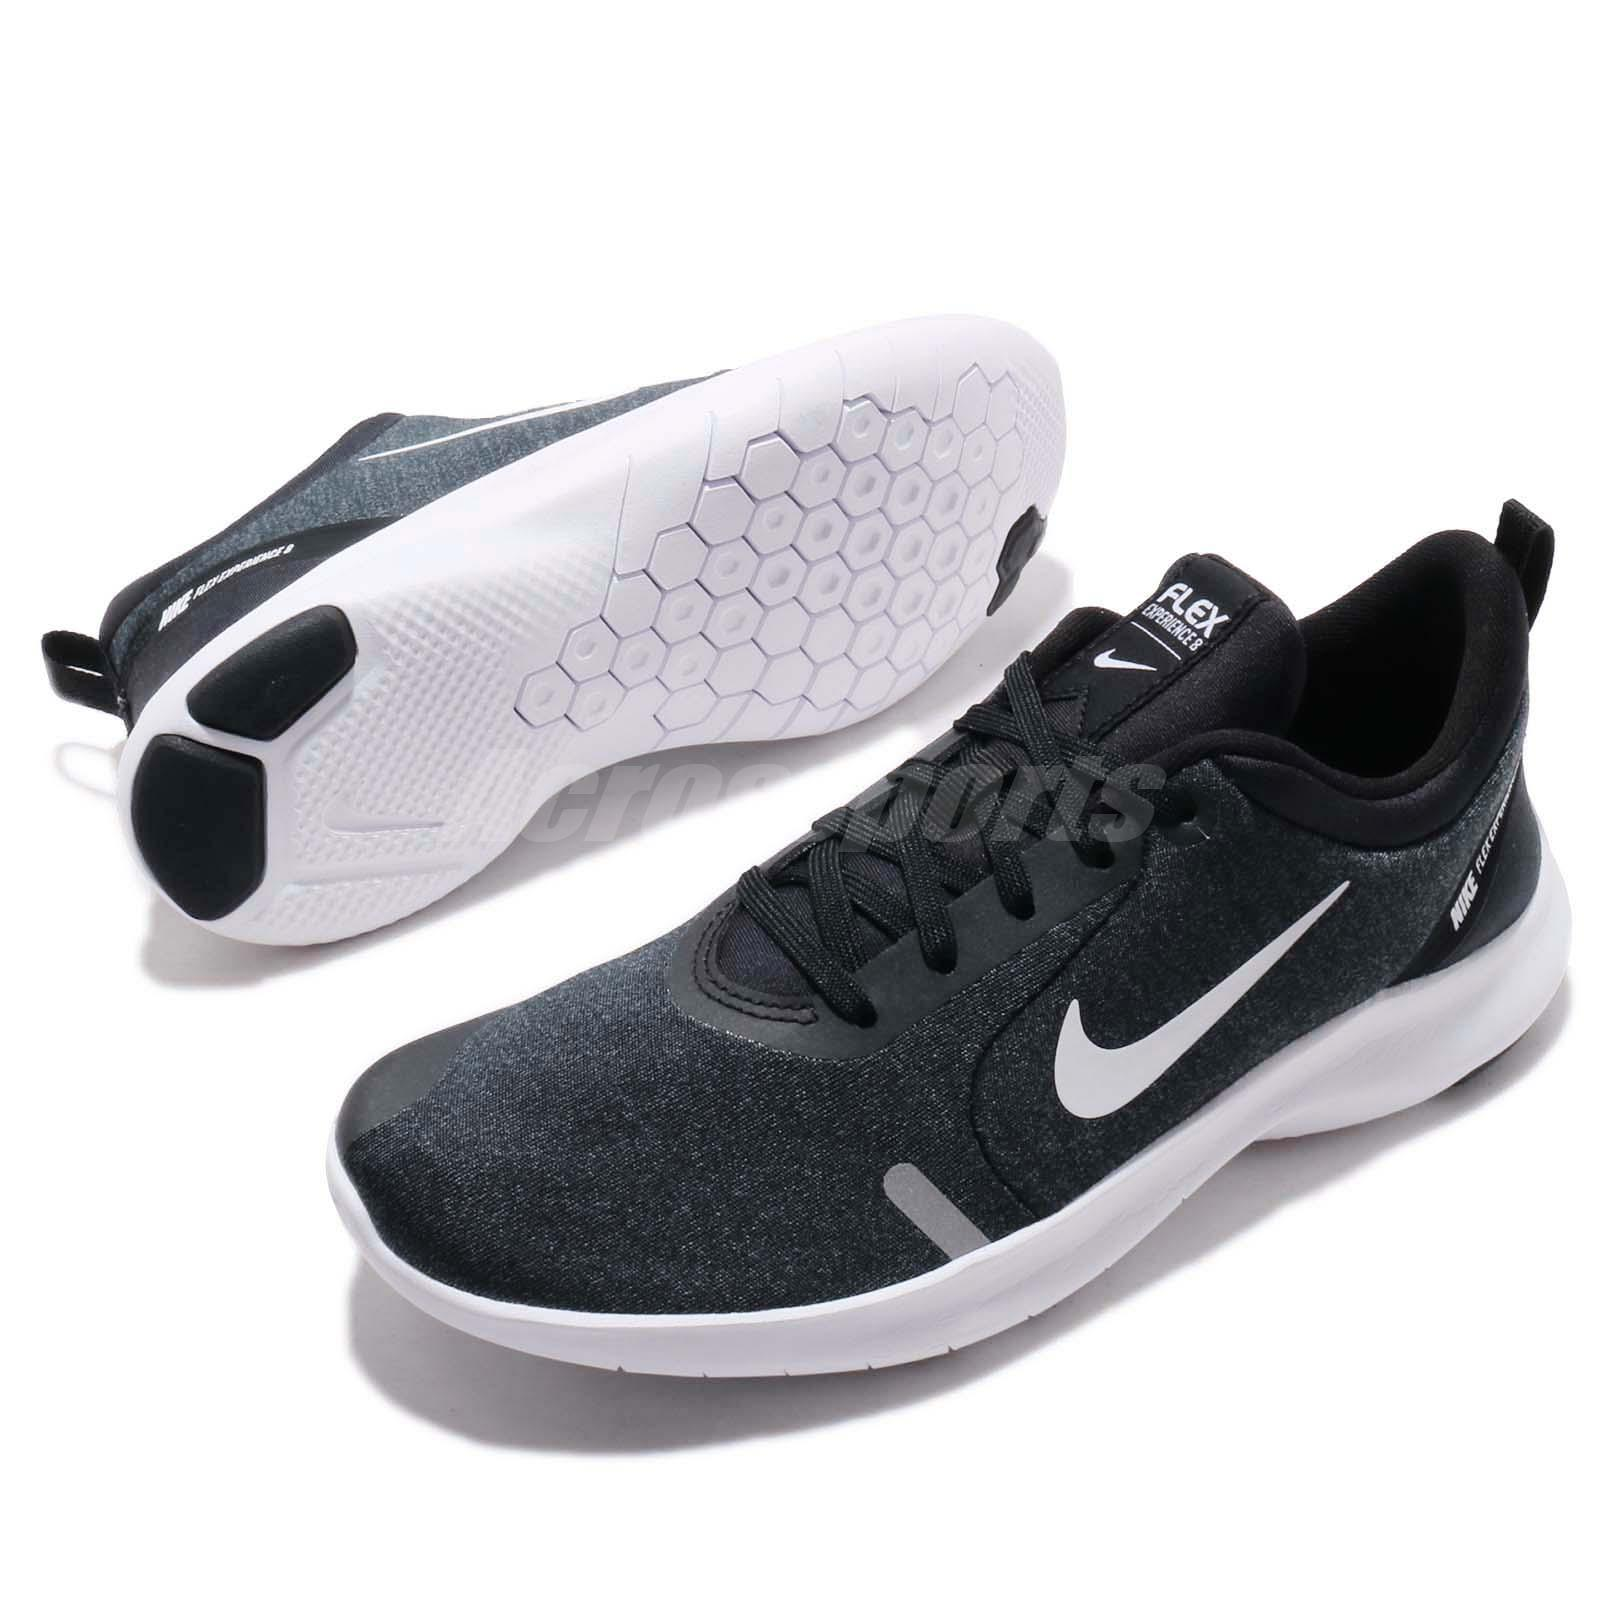 eb151da1d69 Nike Wmns Flex Experience RN 8 Run Black White Women Running Shoes ...